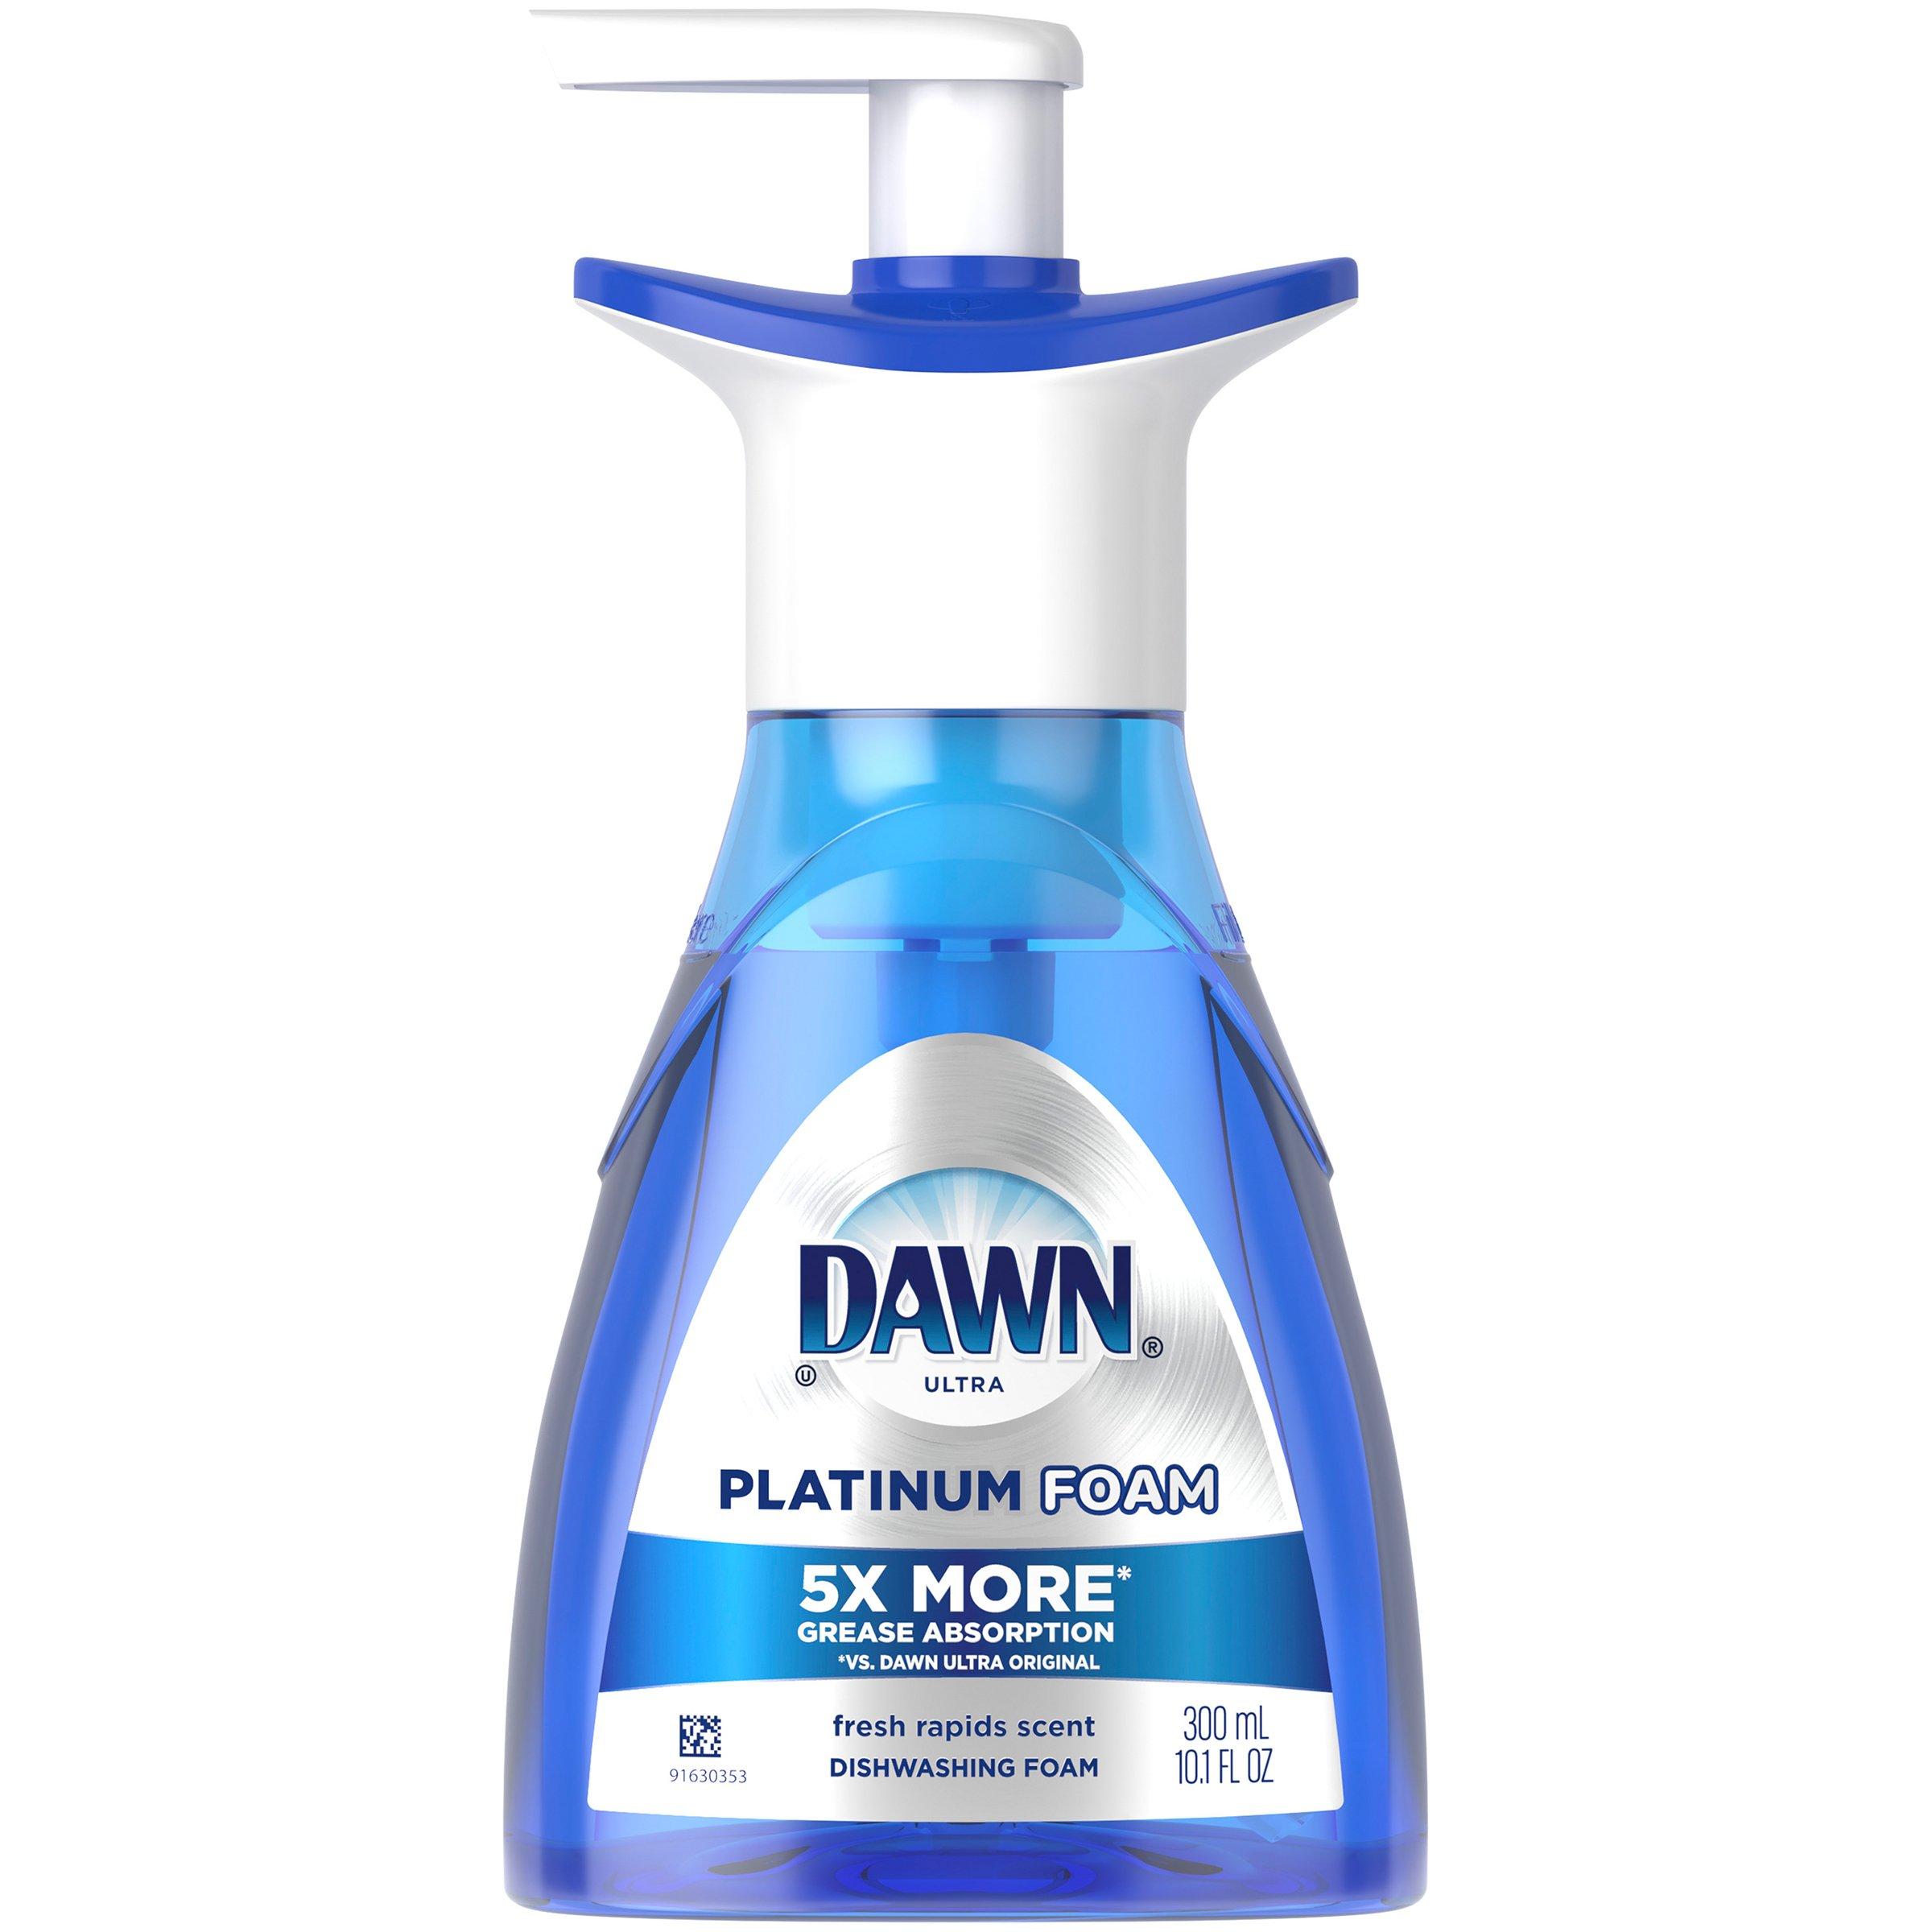 Dawn Platinum Erasing Dishwashing Foam, Fresh Rapids